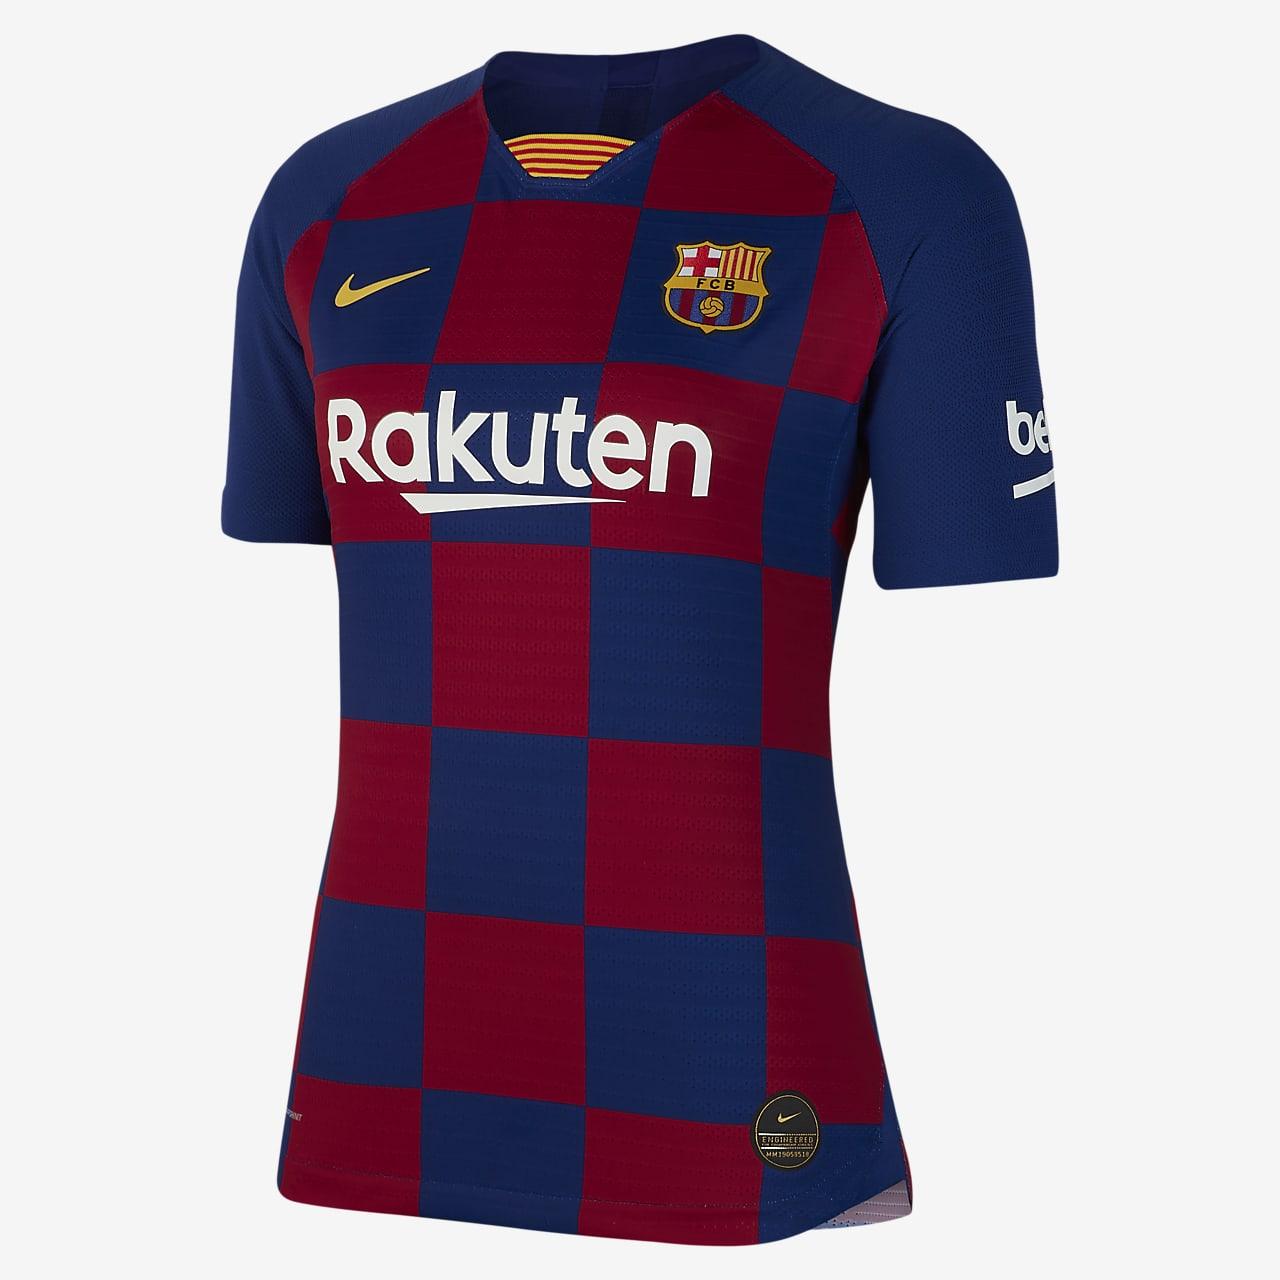 Camisola de futebol FC Barcelona 2019/20 Vapor Match Home para mulher